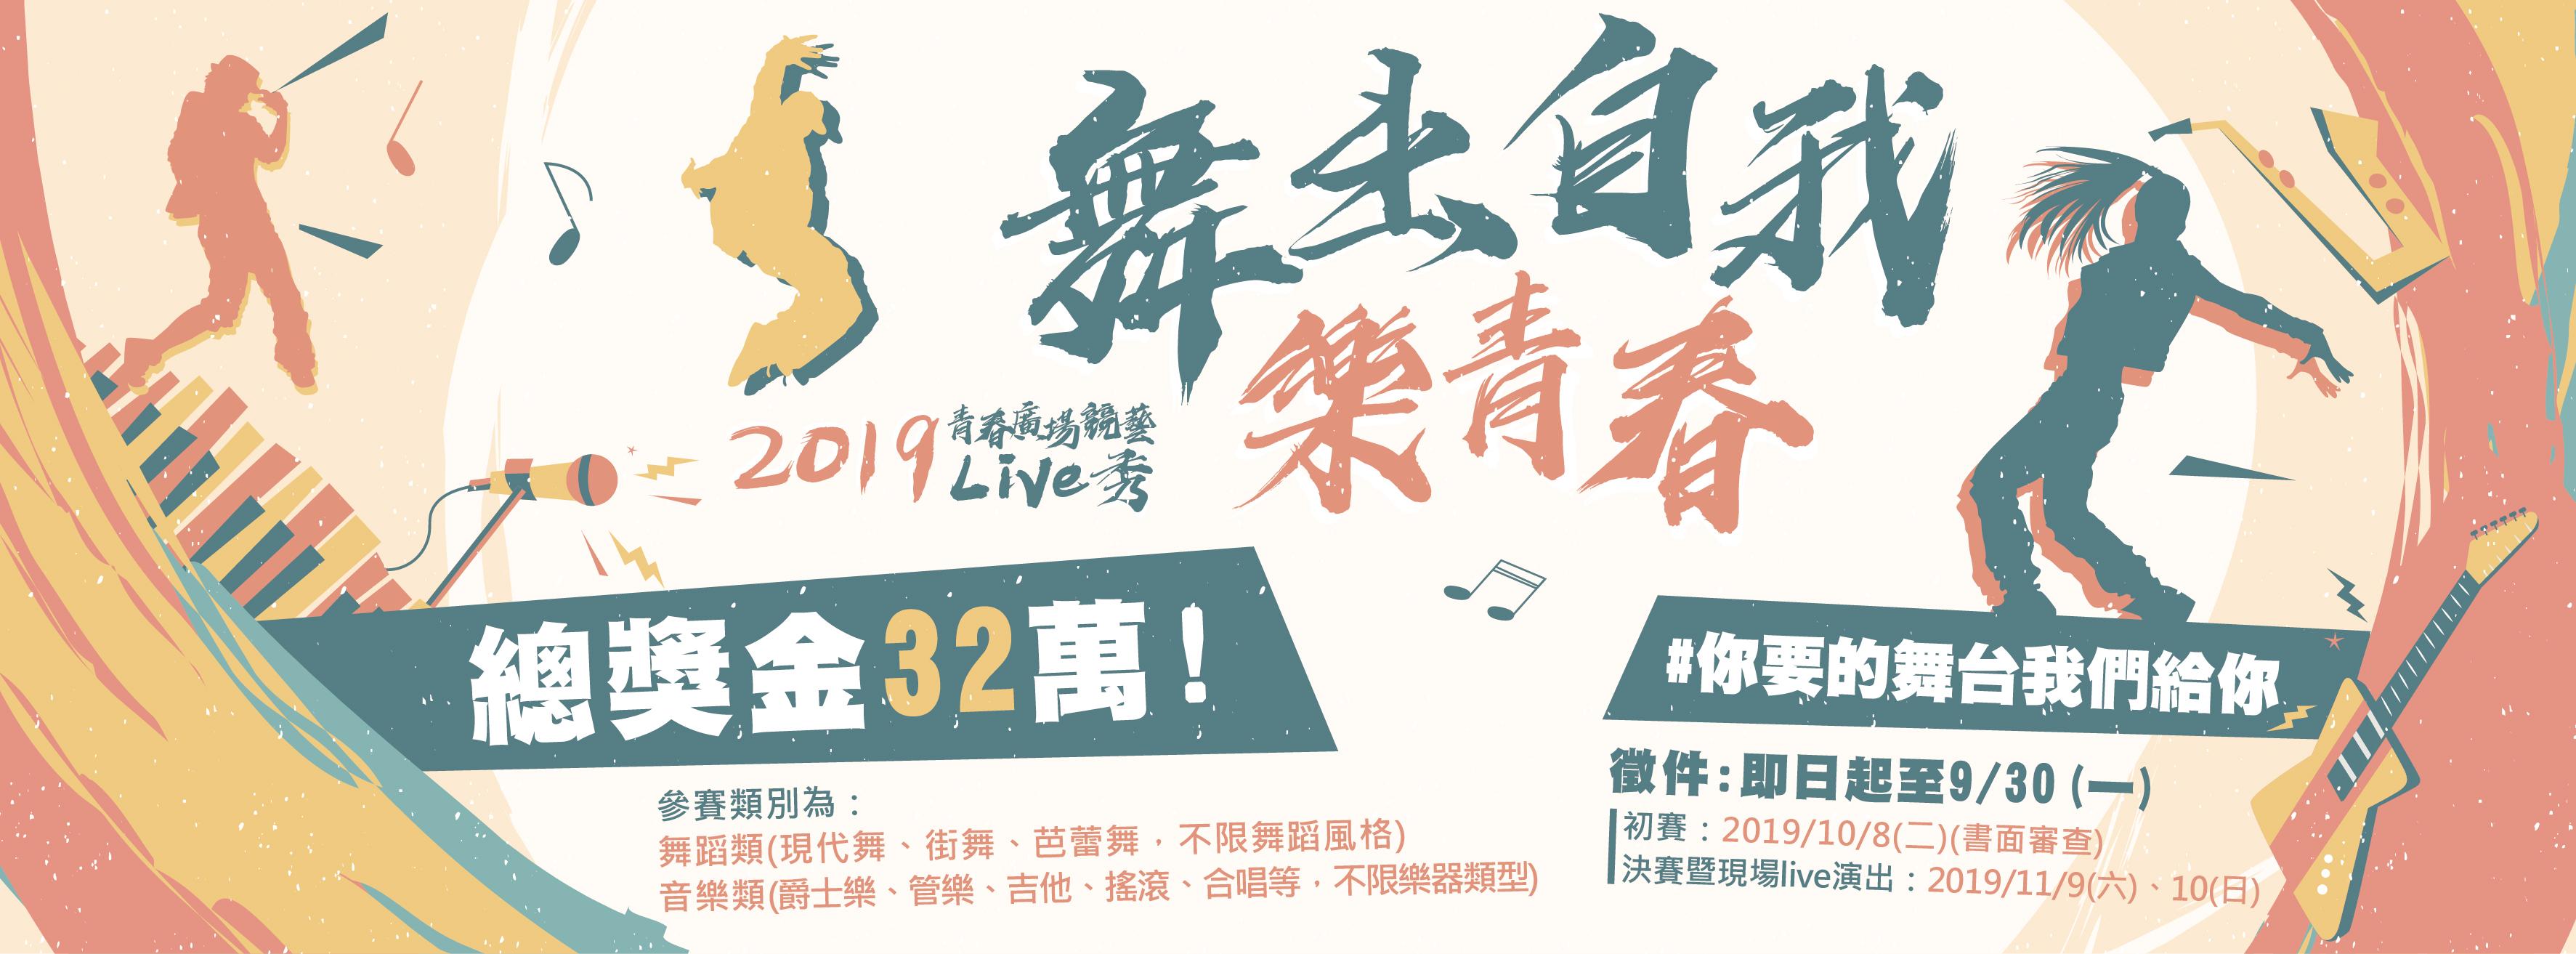 中山堂-青春廣場競藝LIVE秀